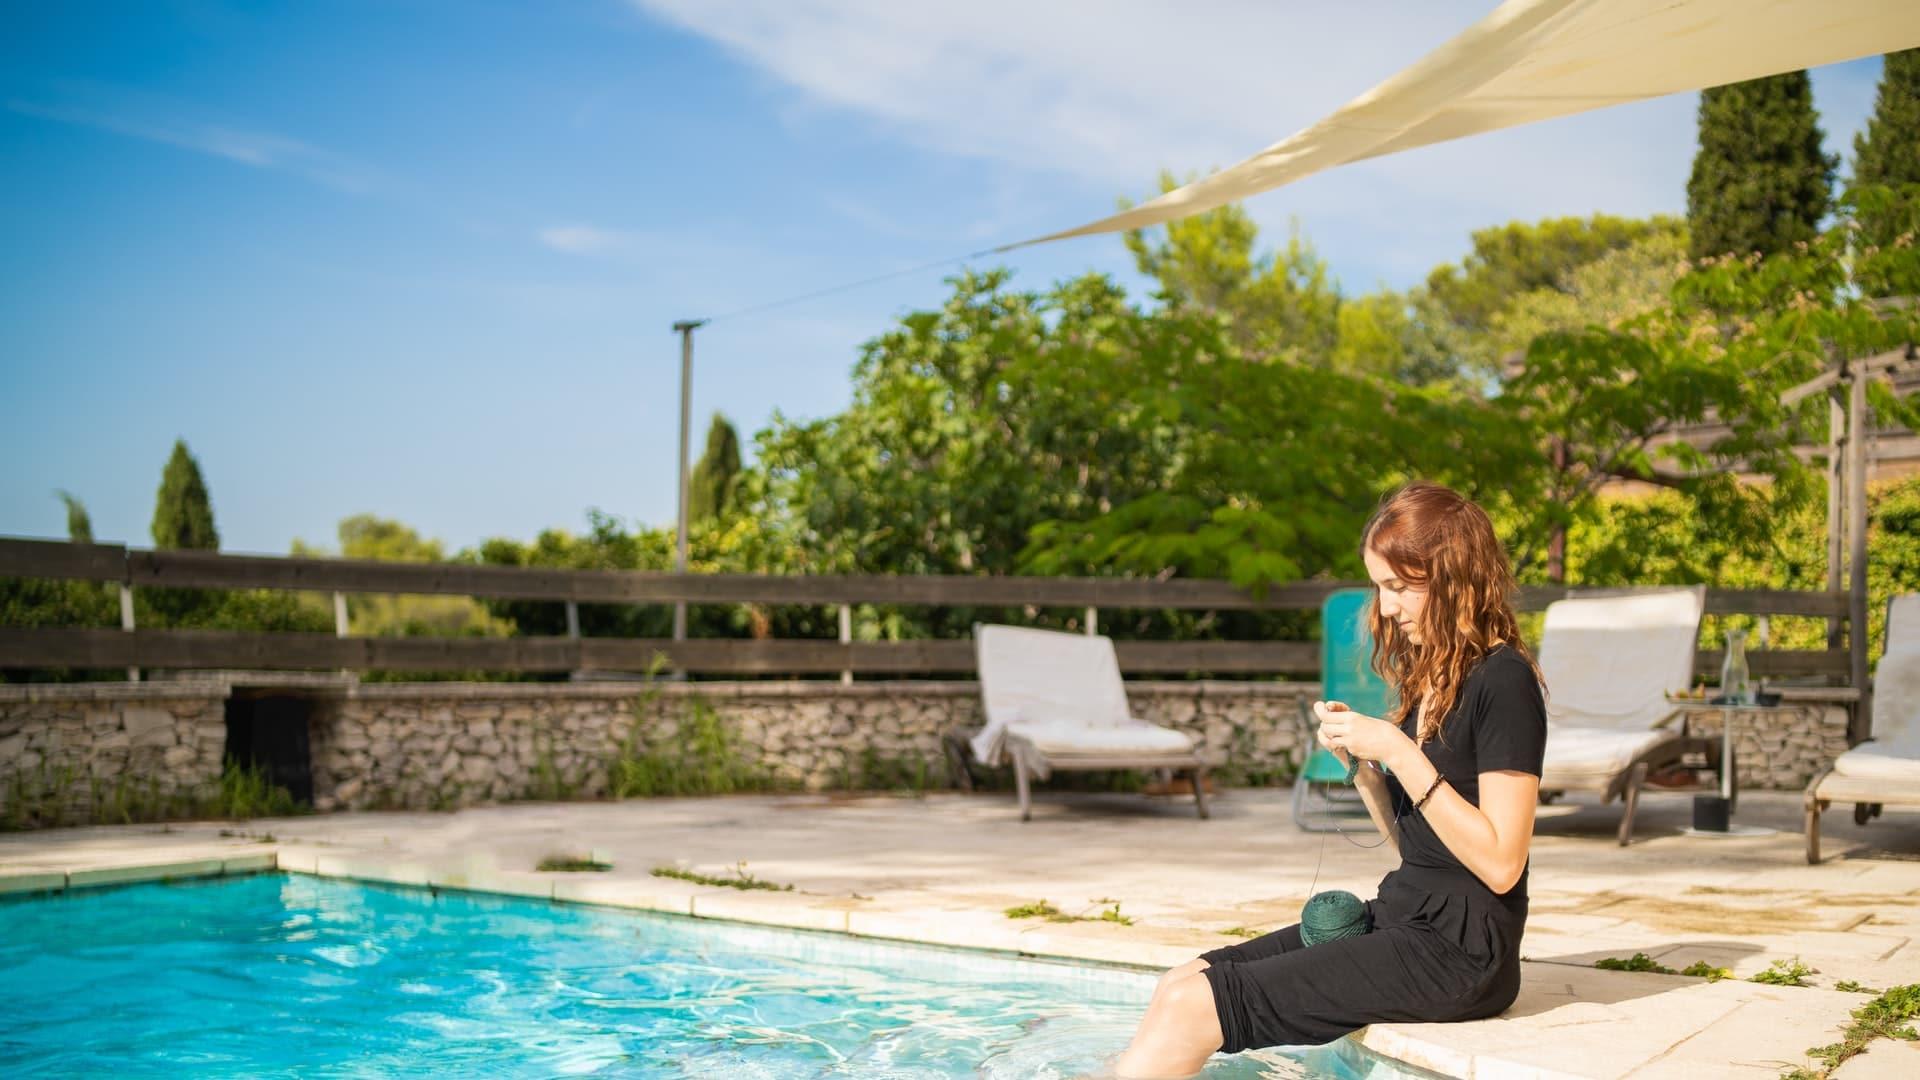 jeune femme assise sur la margelle d'une piscine